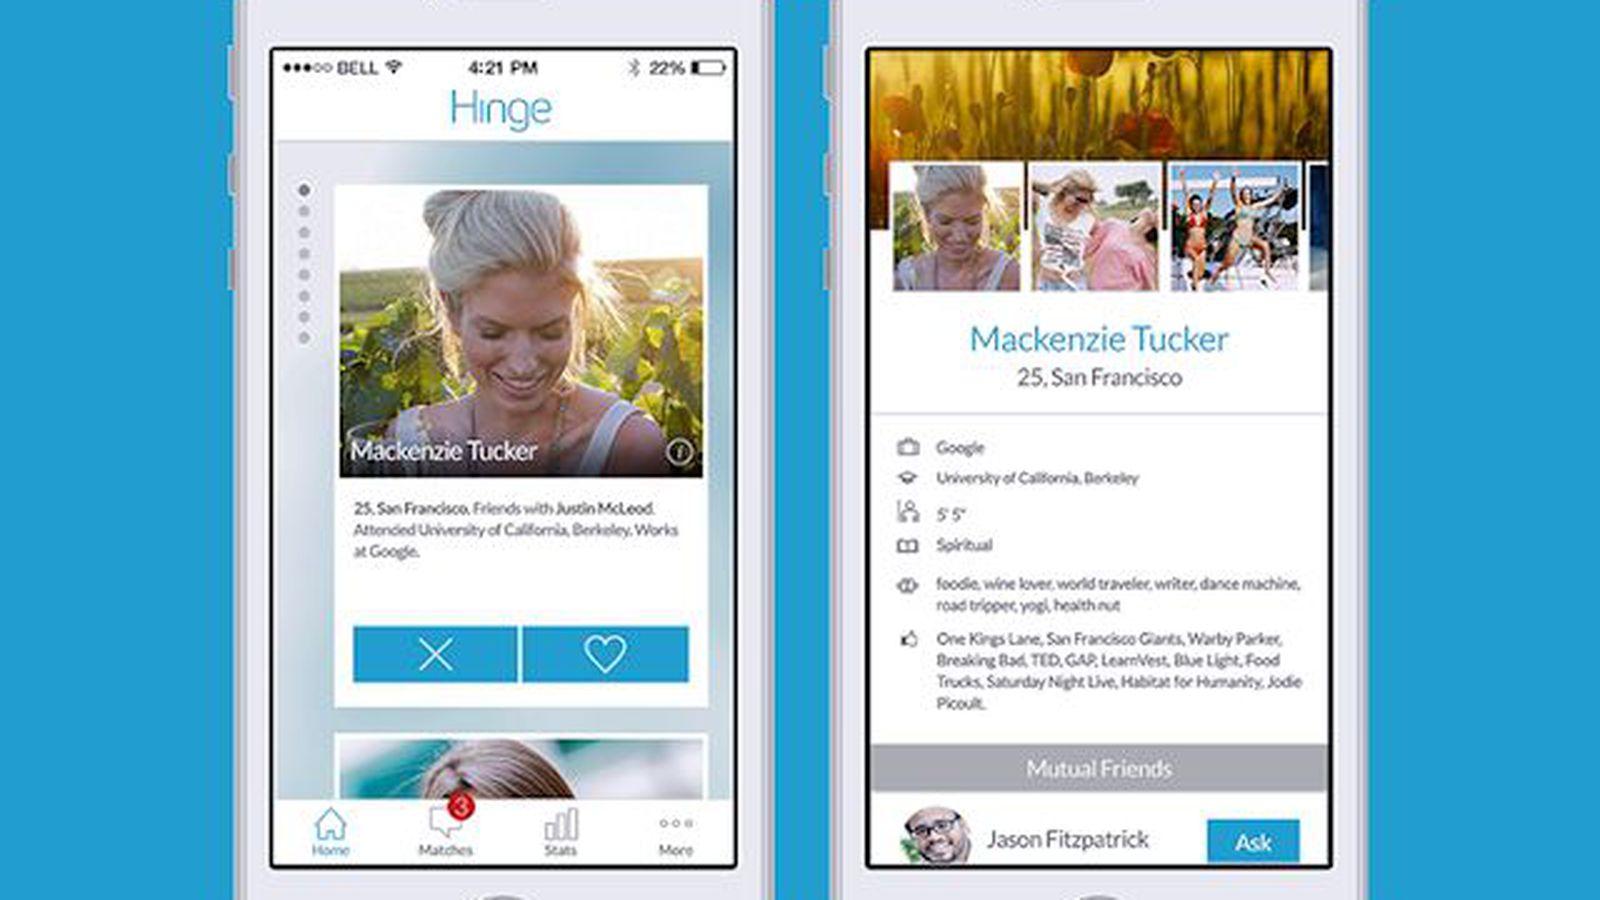 hinge dating app deutschland